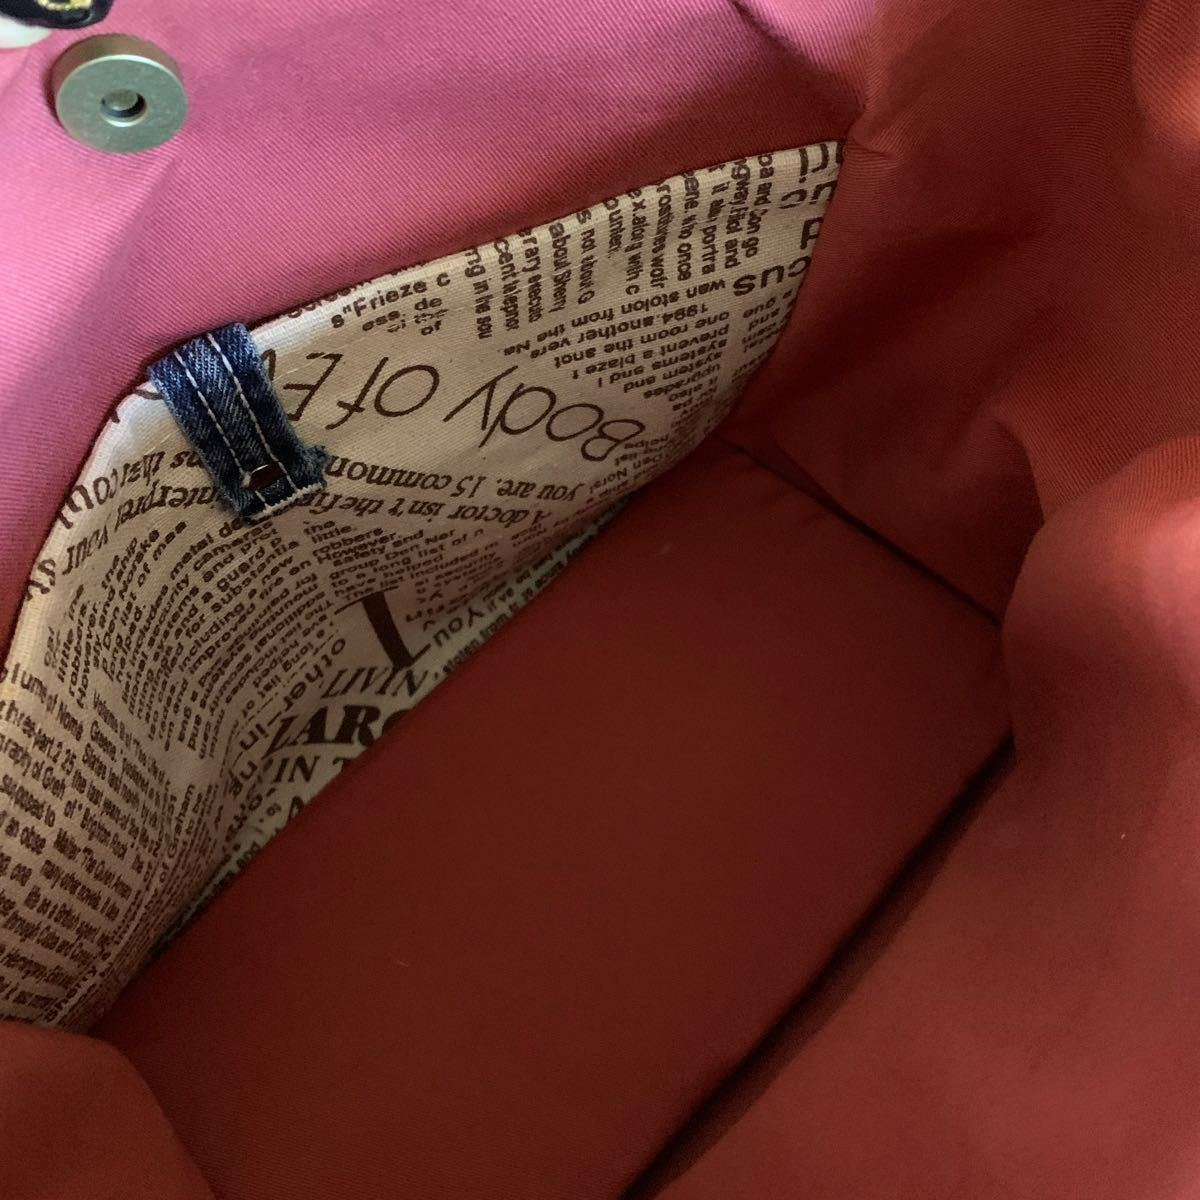 ハンドメイド トートバッグ ミニトートバッグ ランチバック 手作り カバン リメイク デニム ジーンズ リーバイス